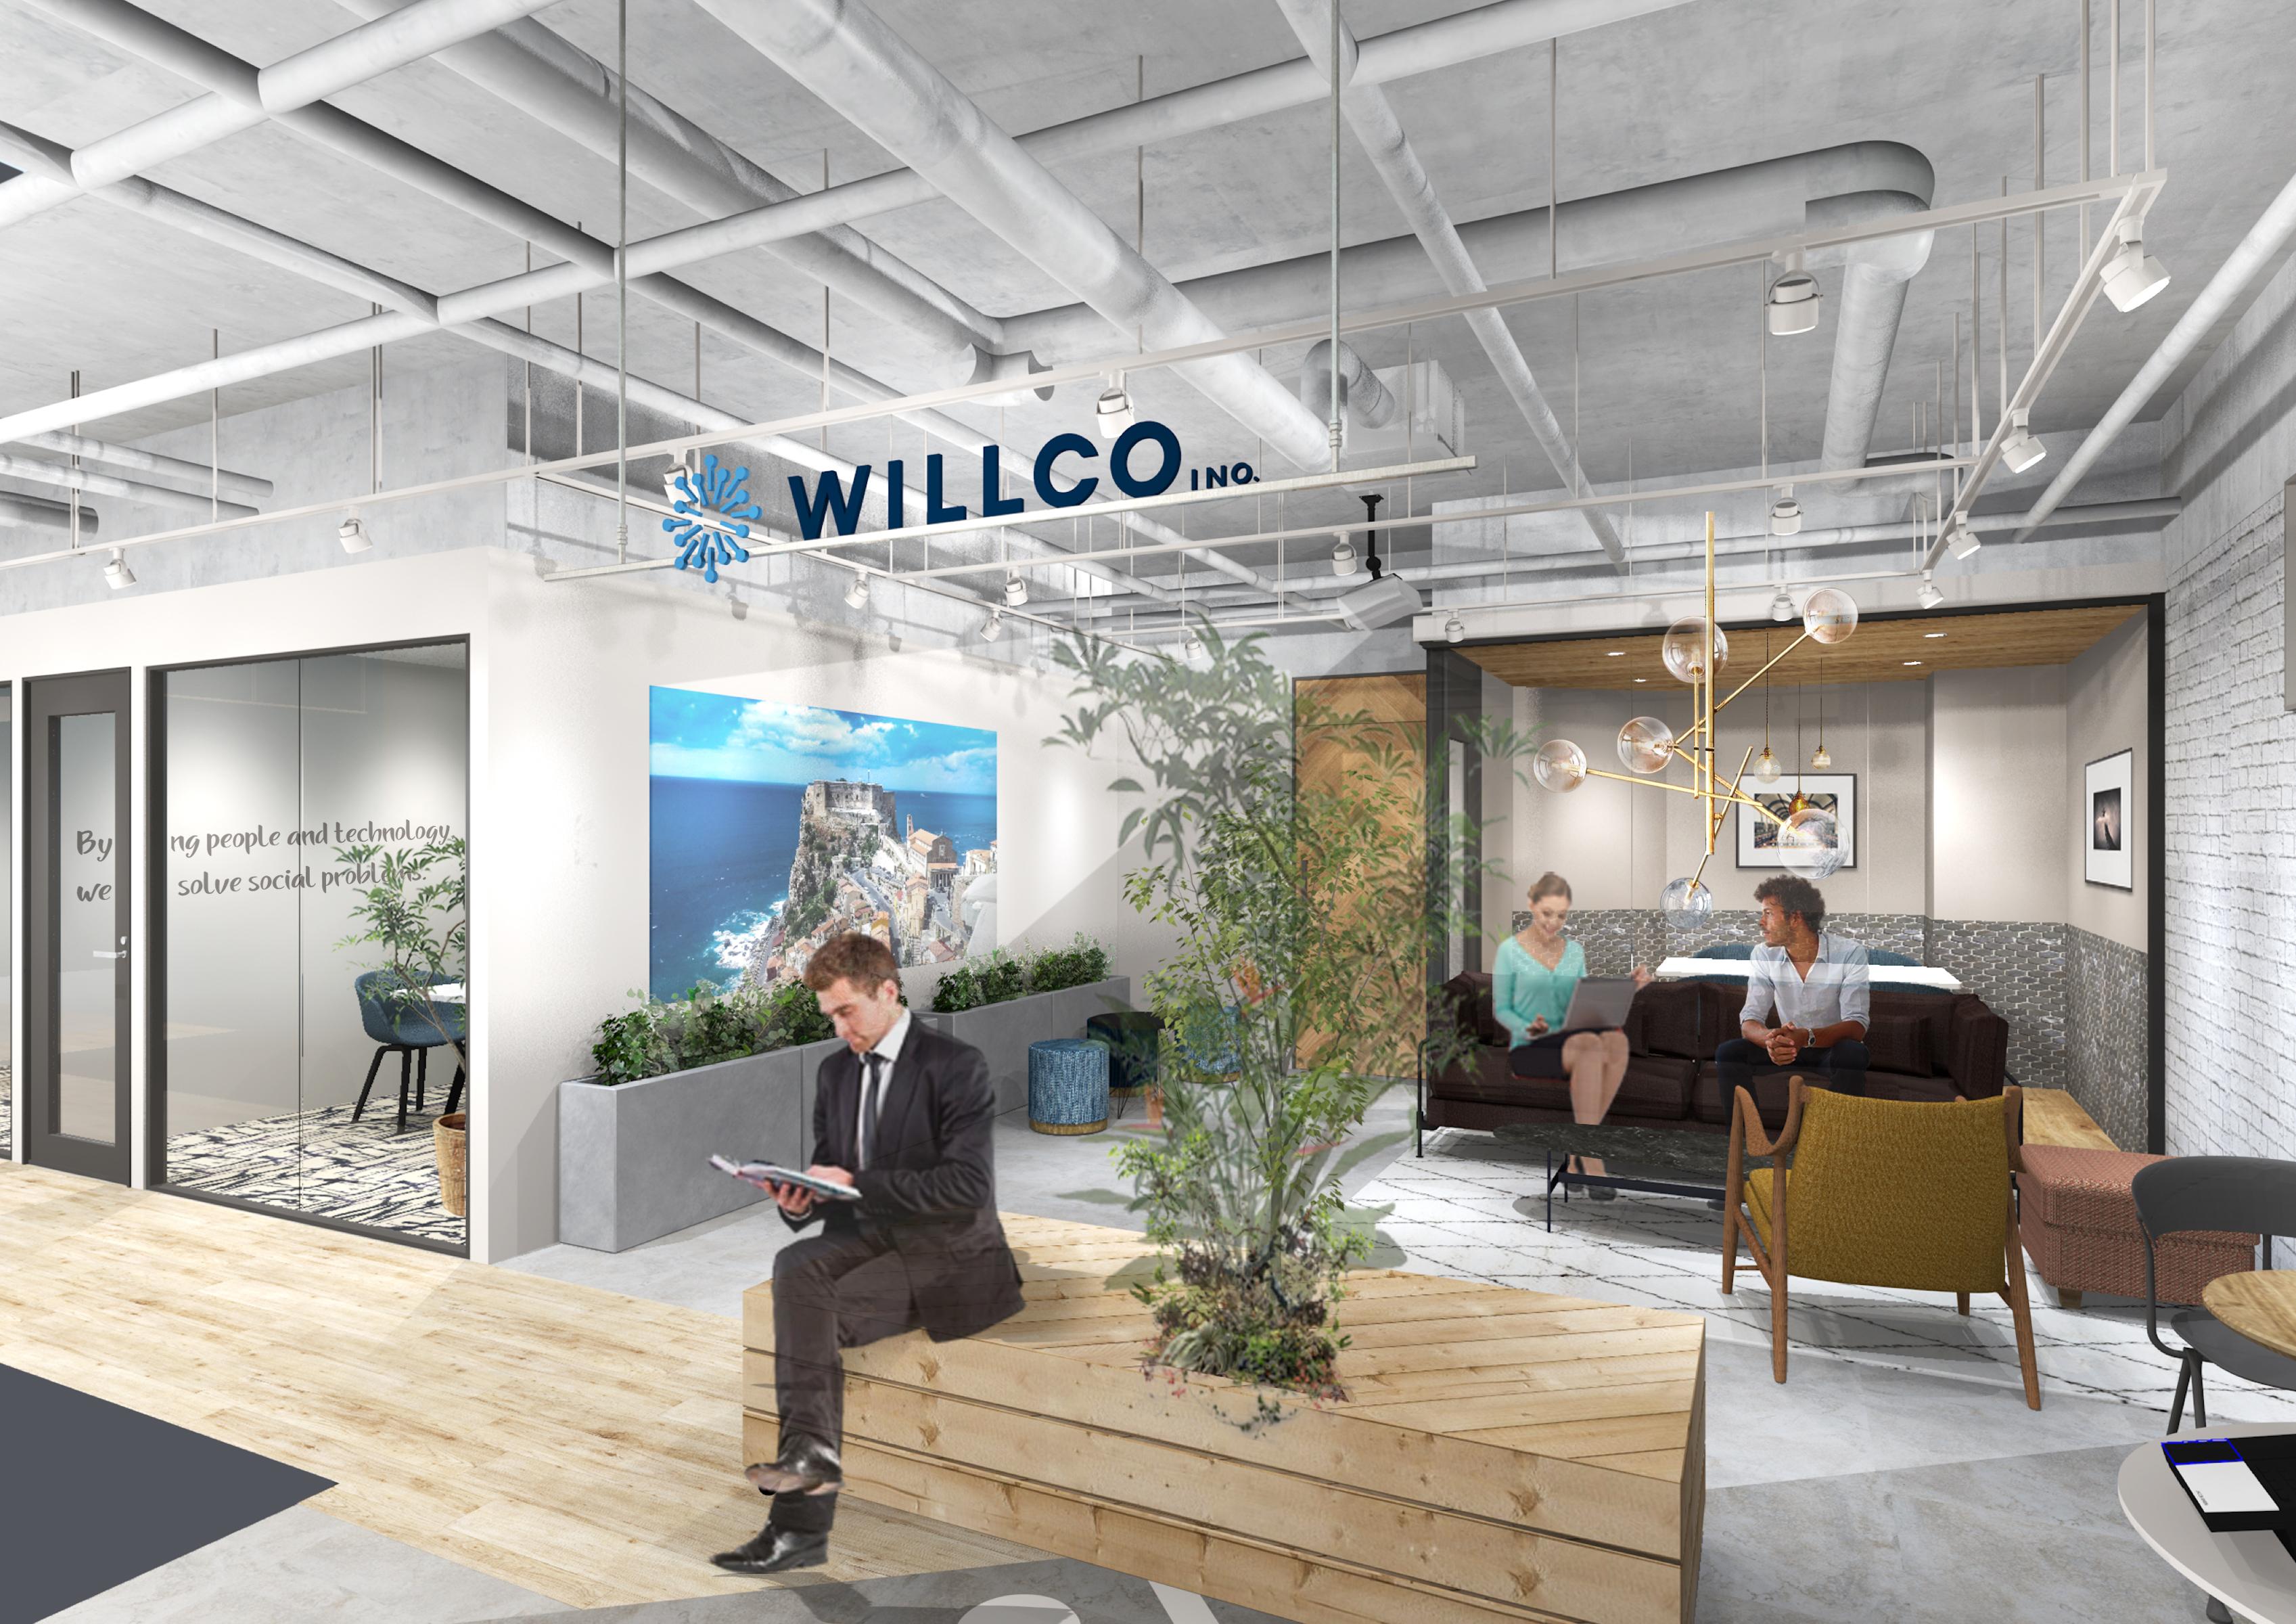 今年の4月から、より働きやすい新オフィスになります!